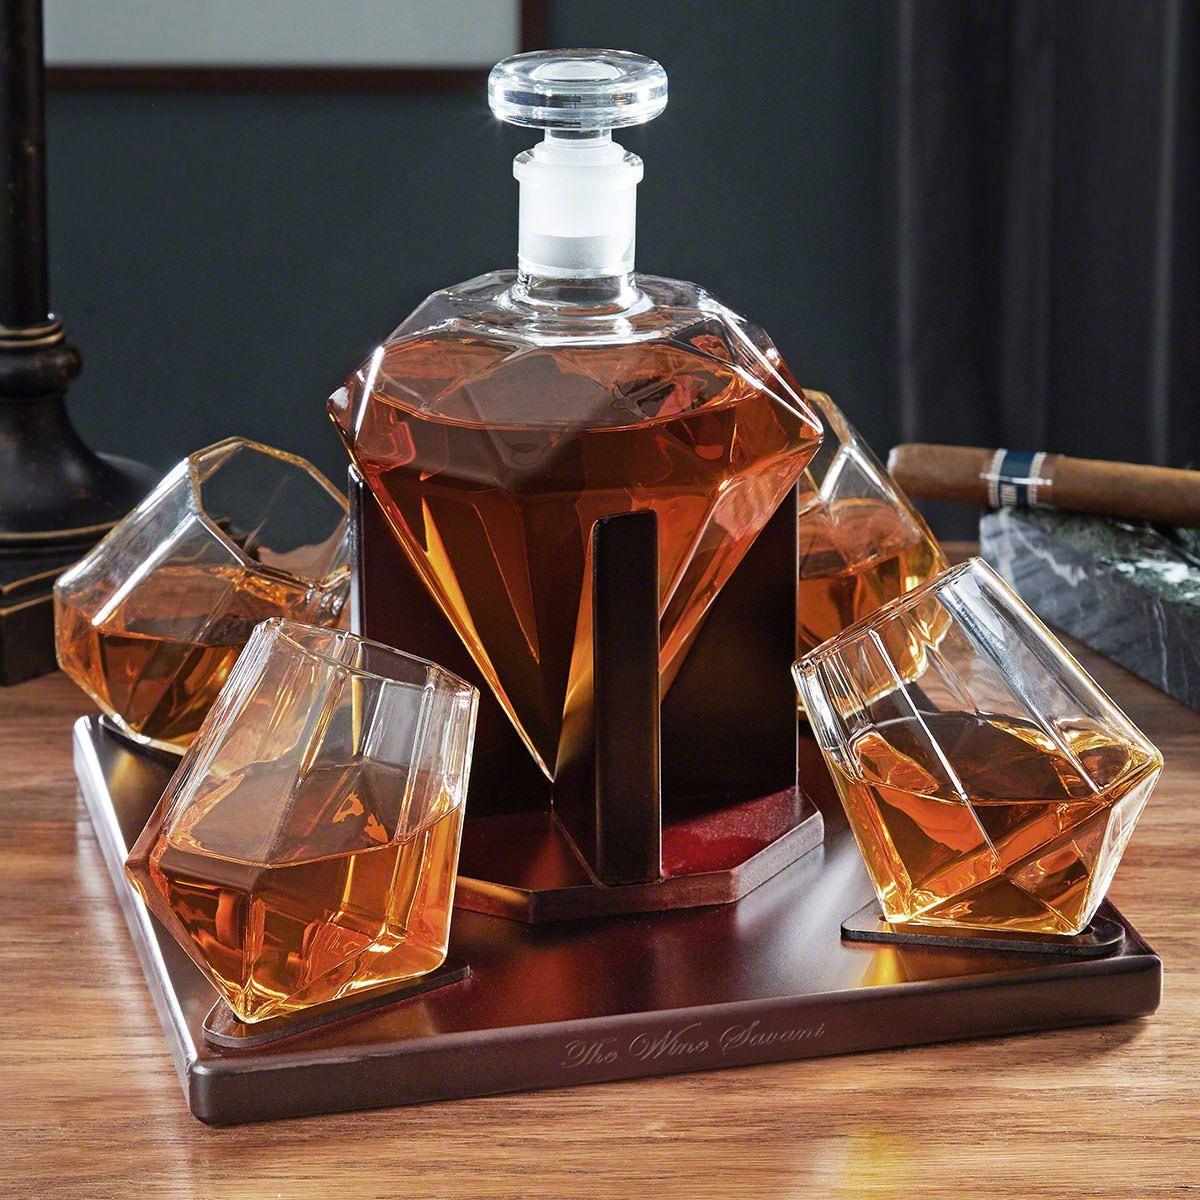 Diamond Whiskey Decanter Set Whiskey Decanter Set Whiskey Set Whiskey Decanter